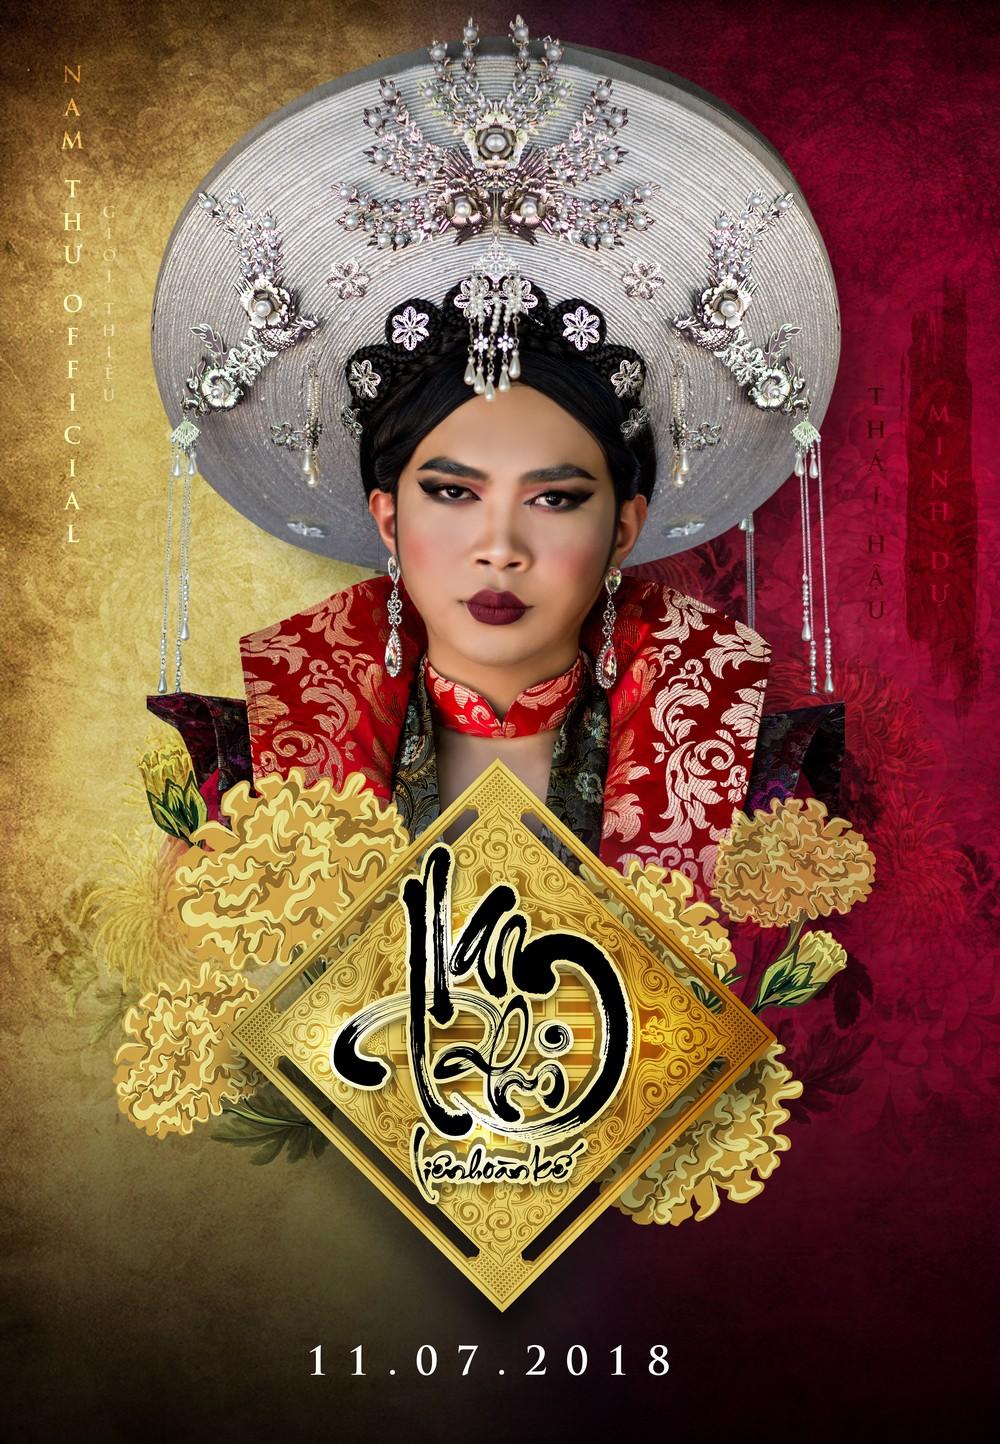 Kiều nữ làng hài Nam Thư chơi liều làm phim cổ trang hậu cung đấu đá  - Ảnh 6.